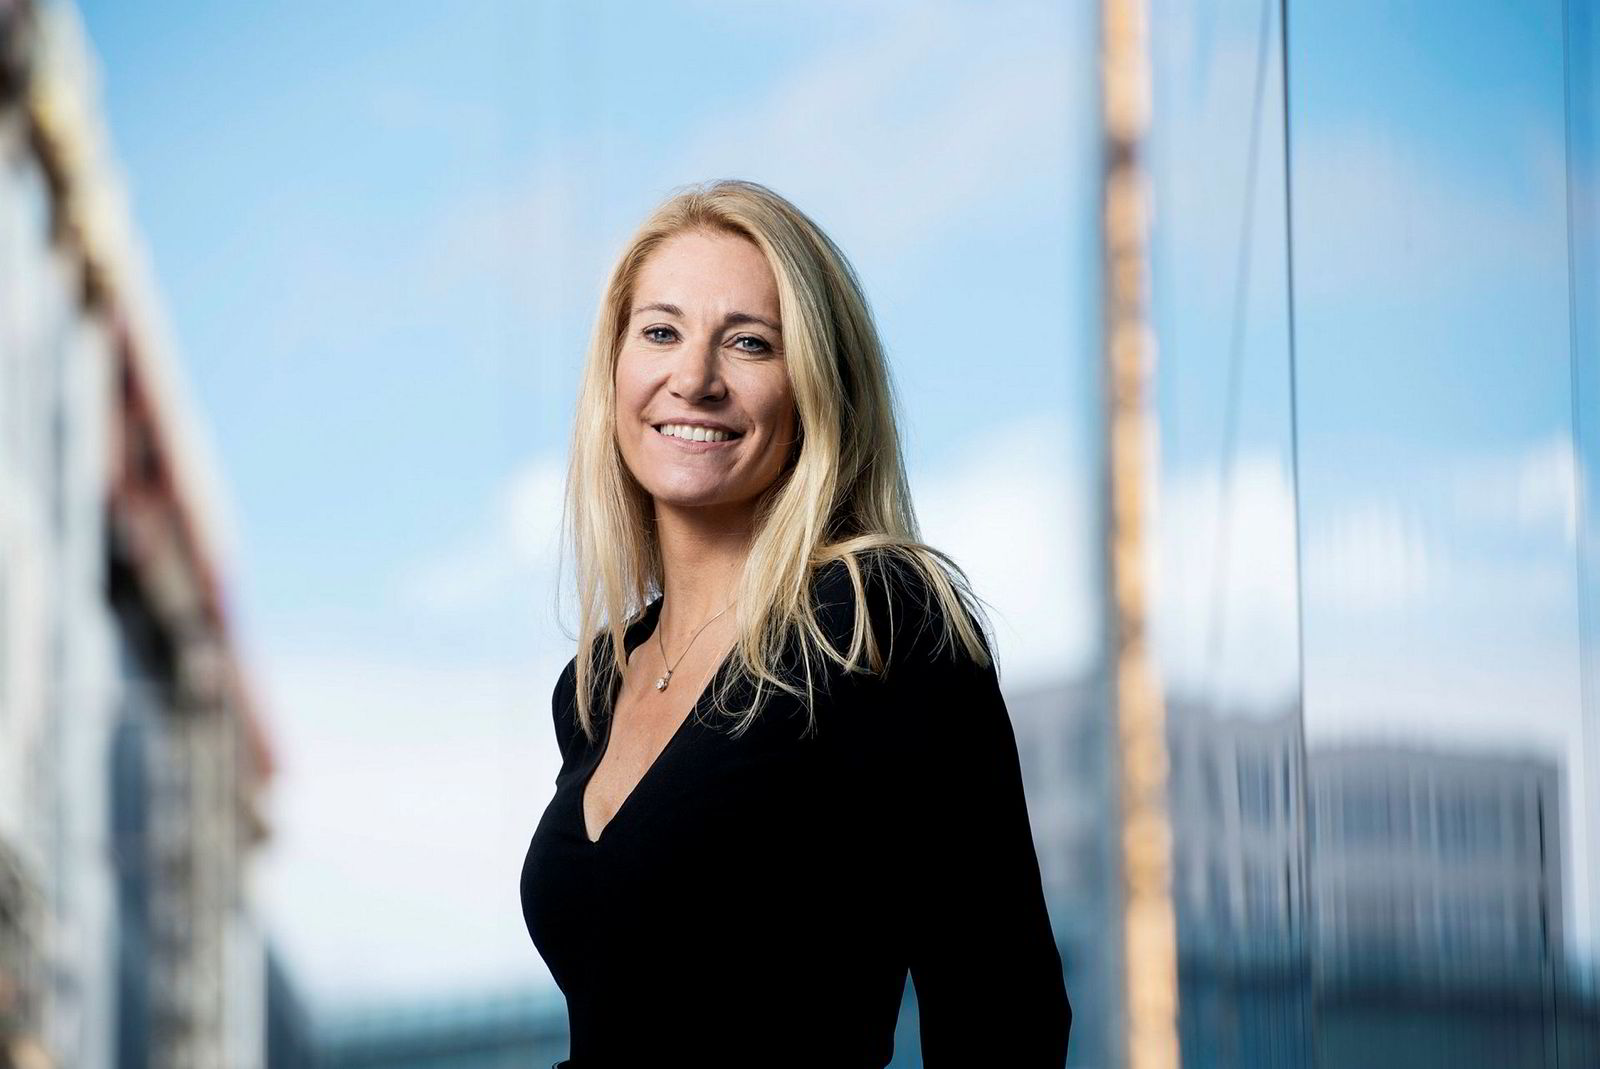 – Hvis Nye Veier sitter med en følelse at norske selskaper ikke vil være underentreprenører for utenlandske selskaper, kan de bare søke i mediene og få svar der, sier Julie Brodtkorb, administrerende direktør i Maskinentreprenørenes Forbund.